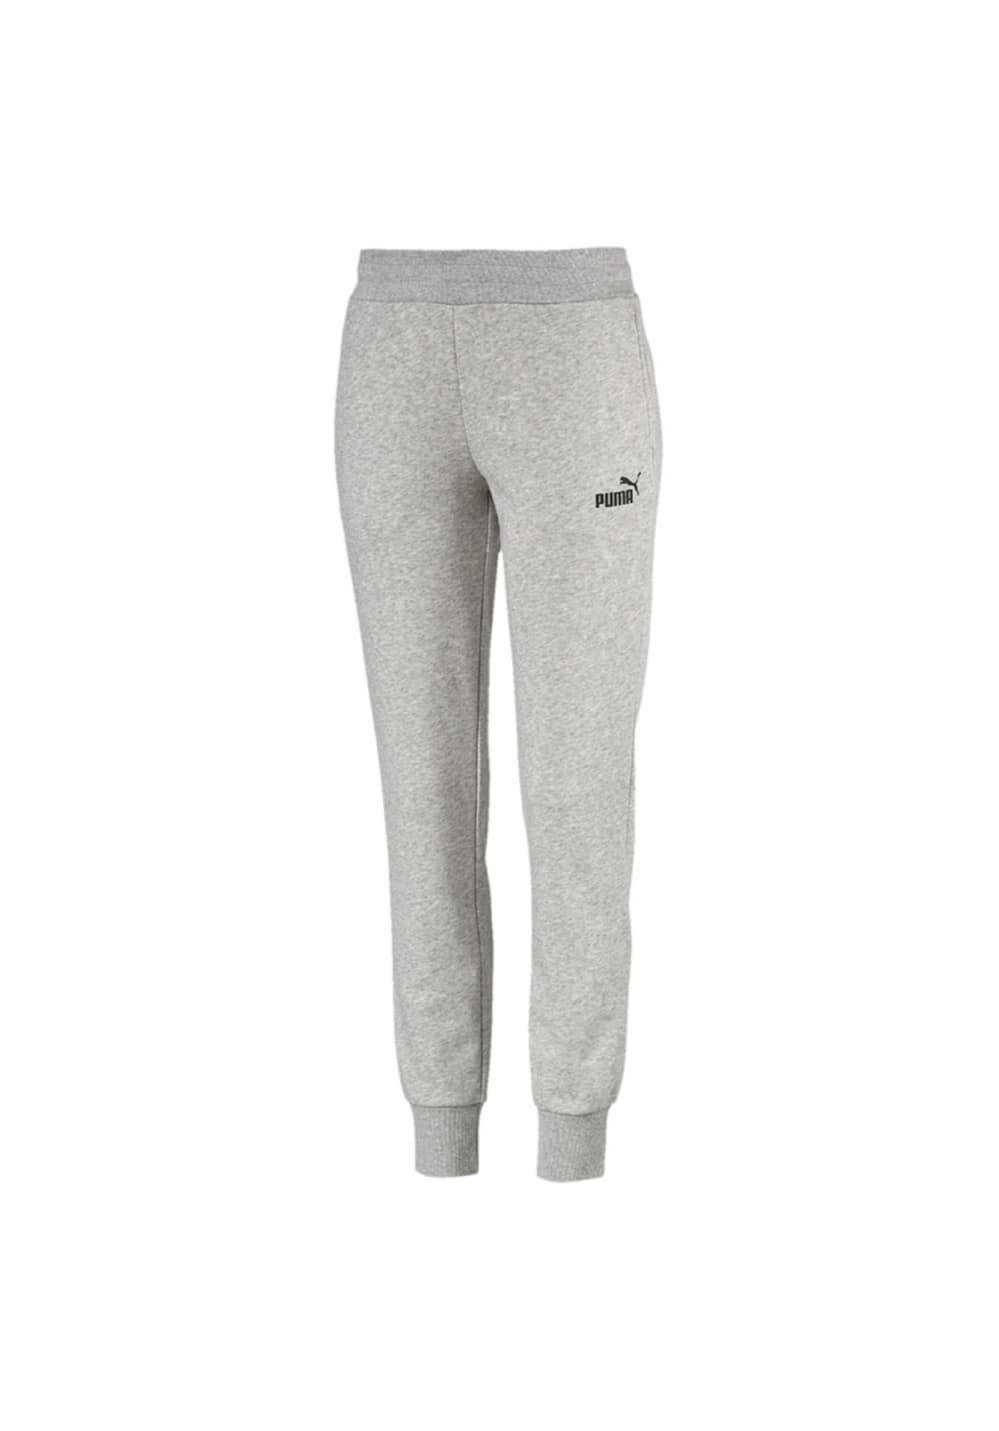 Sportmode für Frauen - Puma Essential Sweat Pants TR cl Fitnesshosen für Damen Grau  - Onlineshop 21Run